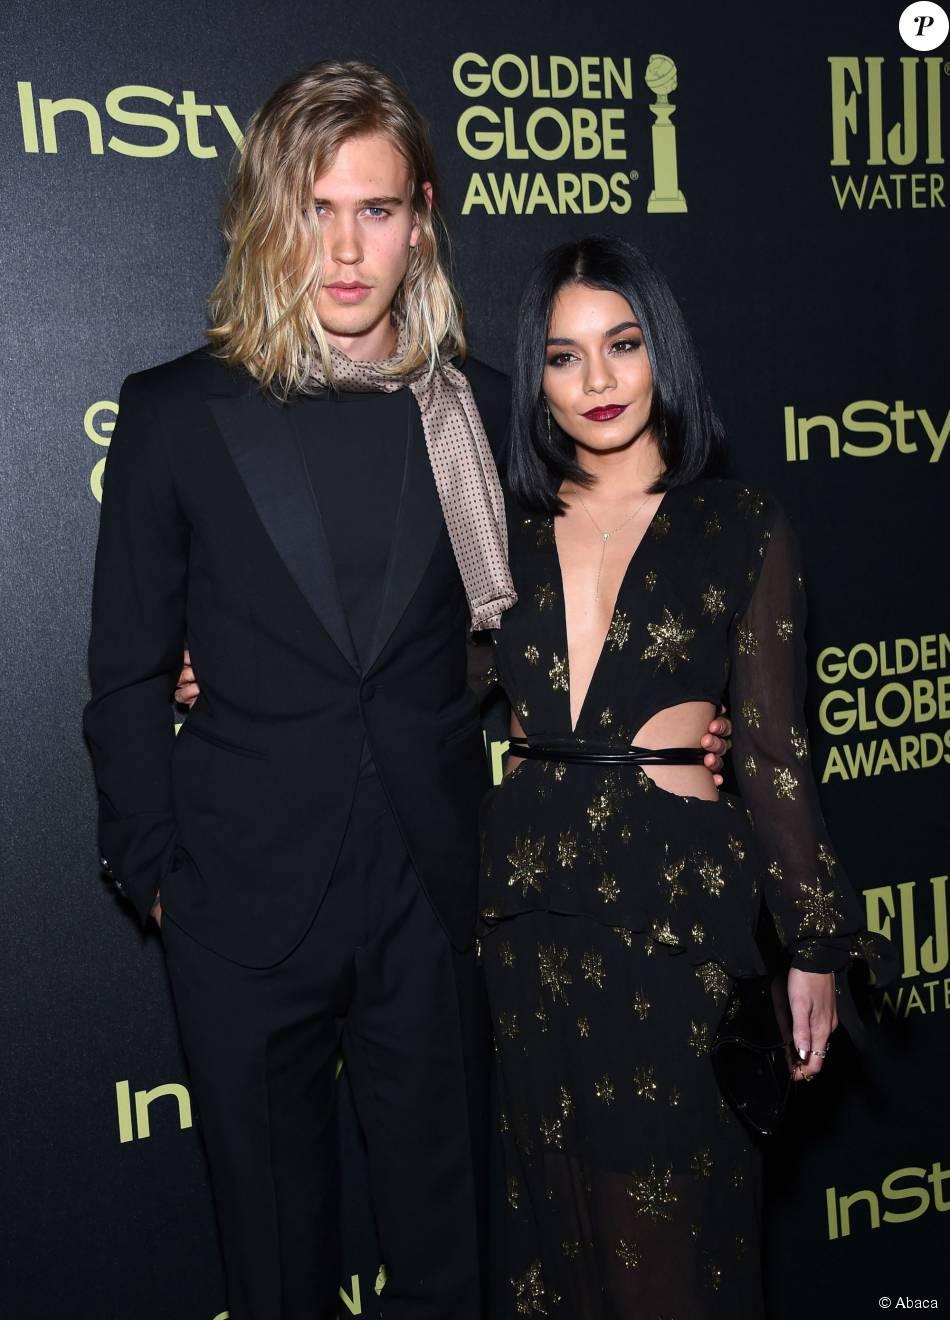 Austin Butler et Vanessa Hudgens assistent à la soirée de coup d'envoi de la saison des Golden Globes, organisée par l'association HFPA et le magazine InStyle. Los Angeles, le 17 novembre 2015.